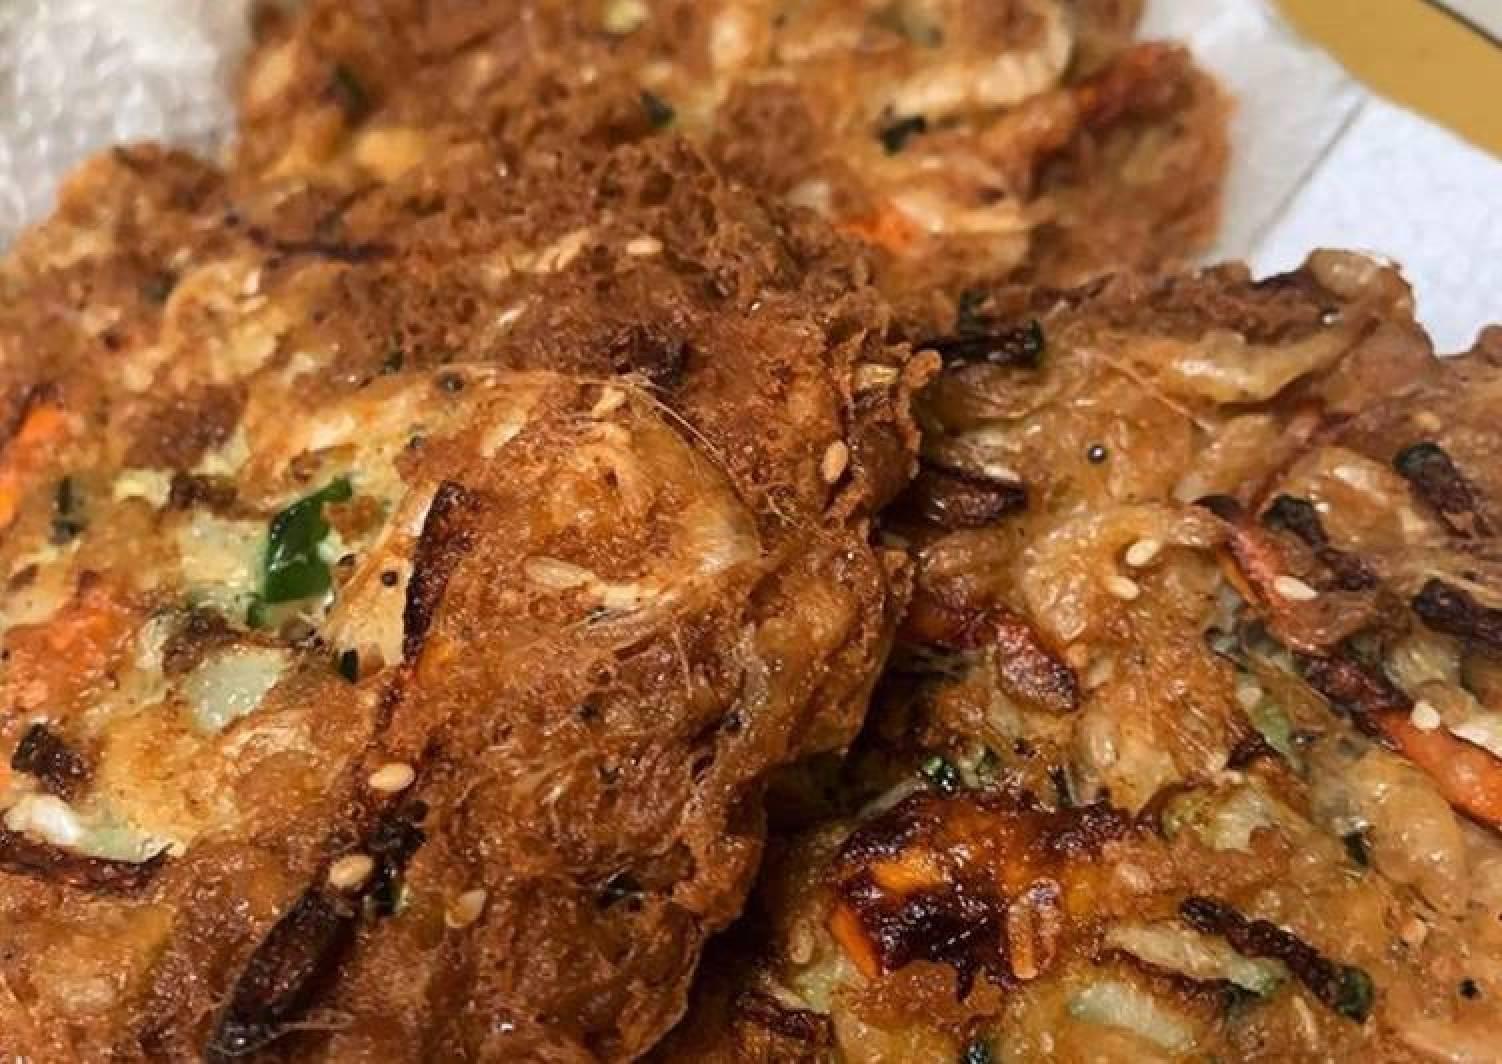 Shrimp and Veggies Pancake / Haemul Pajeon